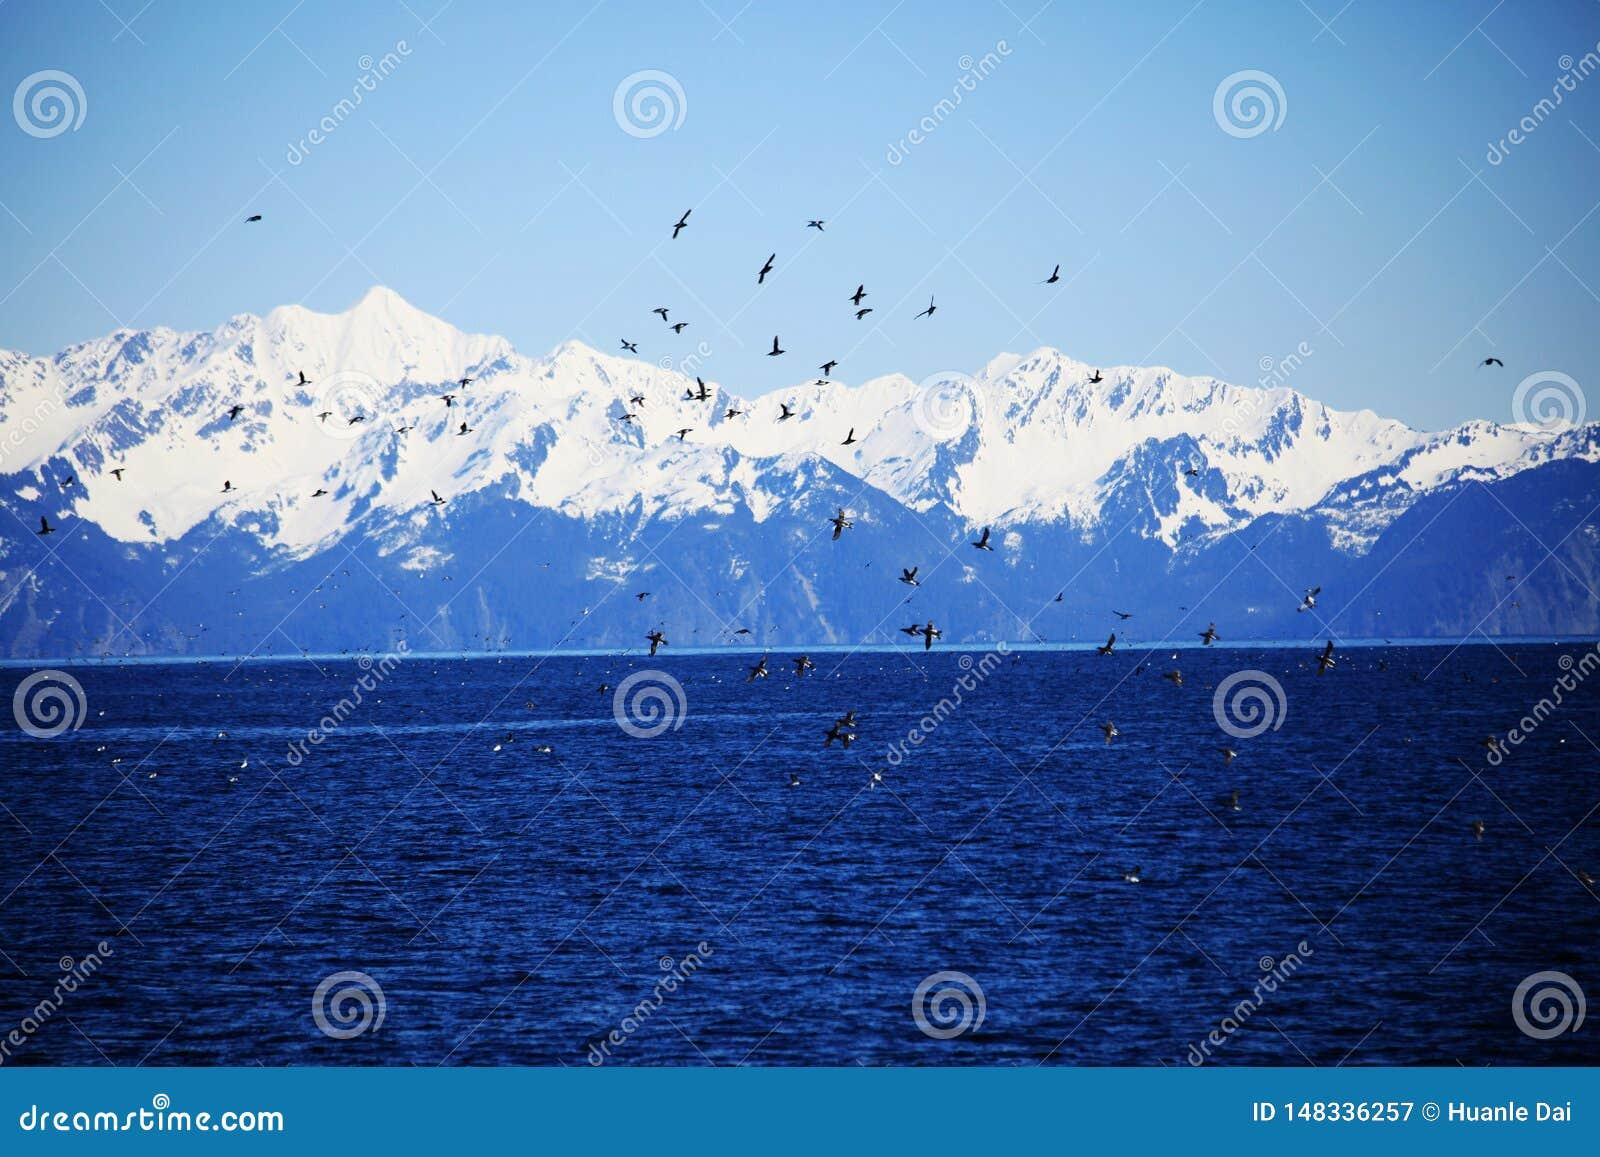 Πουλί, μπλε ουρανός, βουνό, λίμνη